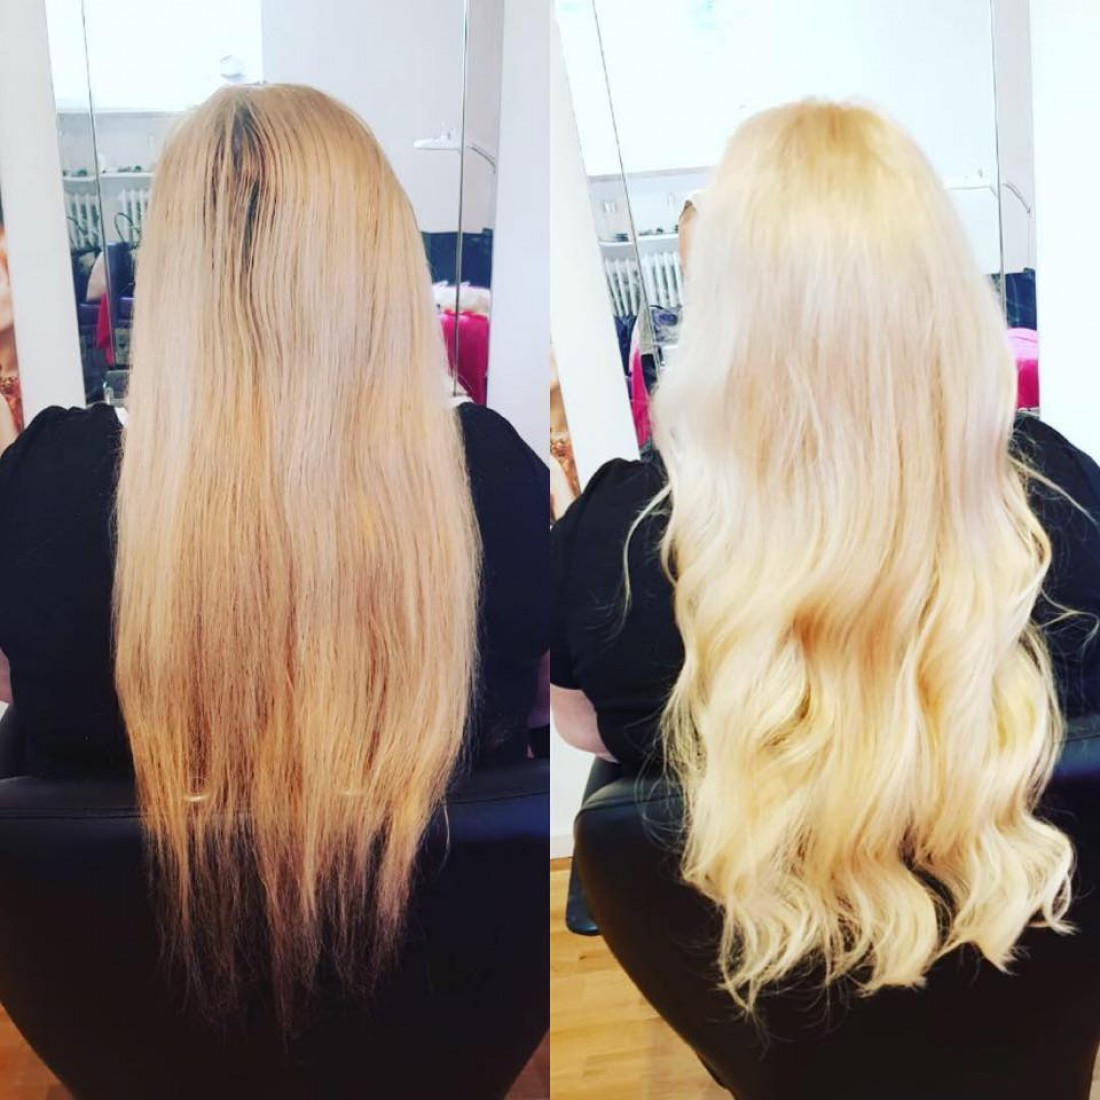 Für prachtvoll lange Haare in Perfektion